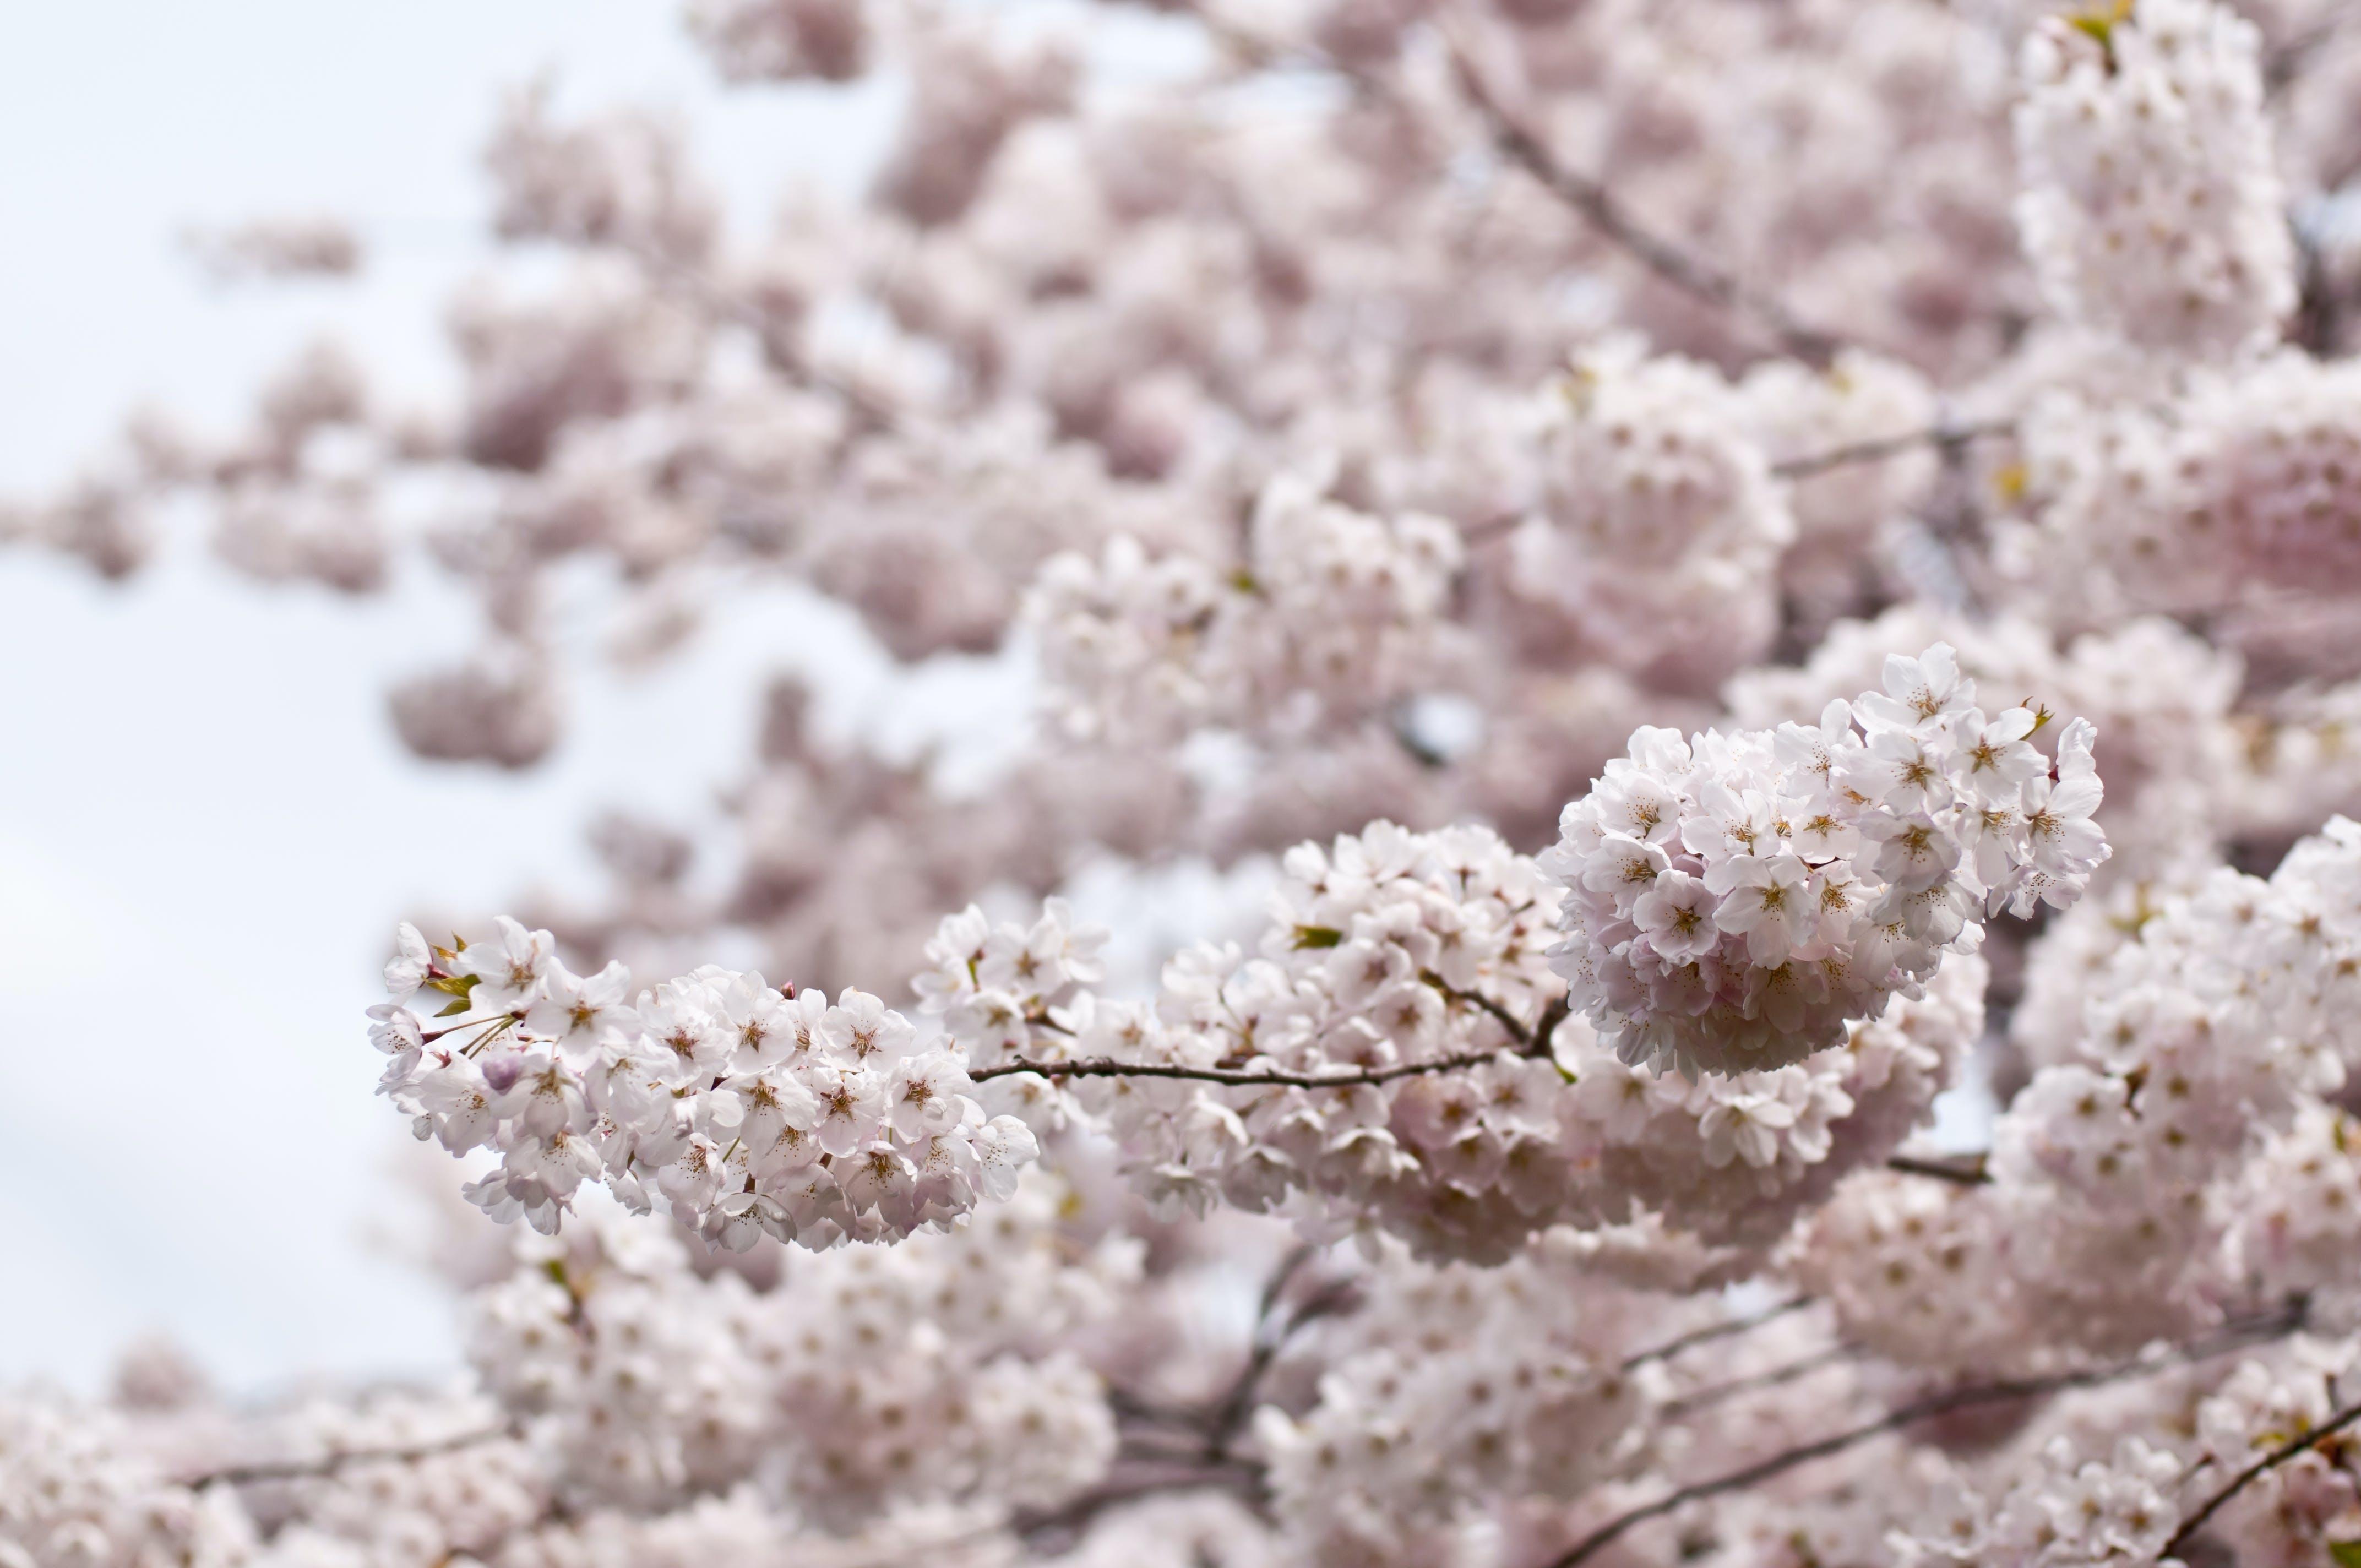 Immagine gratuita di albero, bocciolo, fiore di ciliegio, fiori